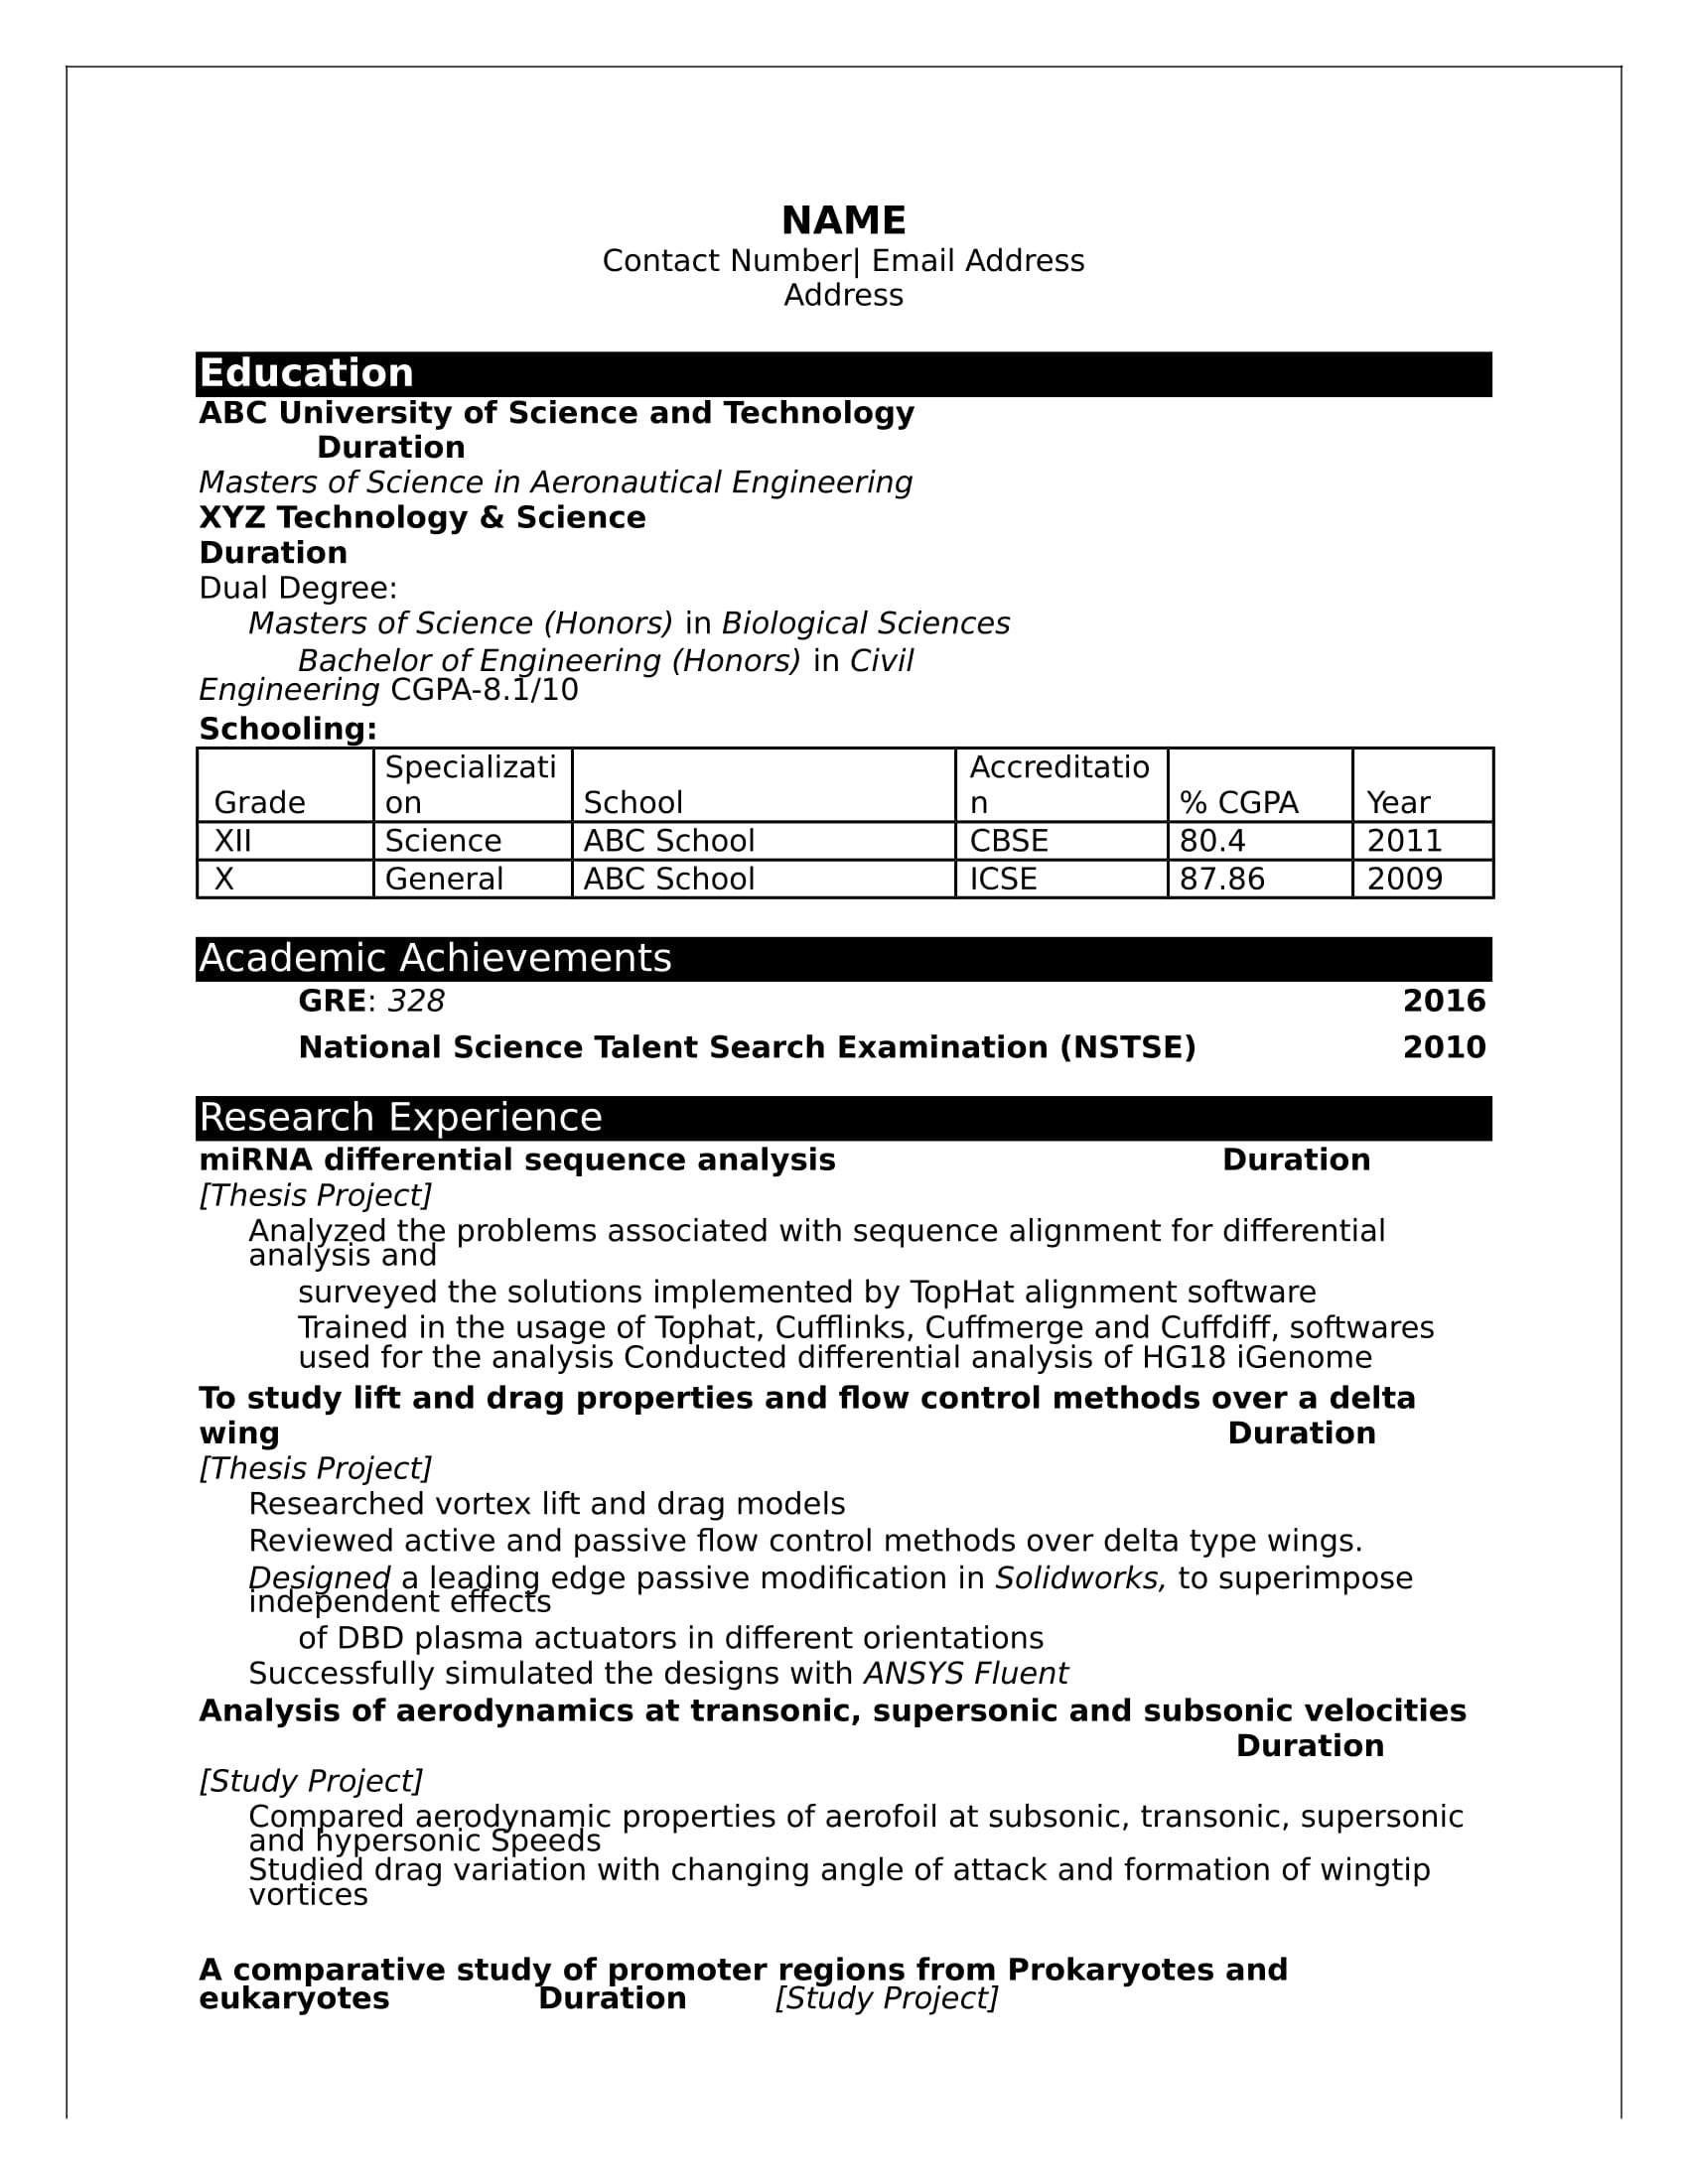 sample resume format for freshersml